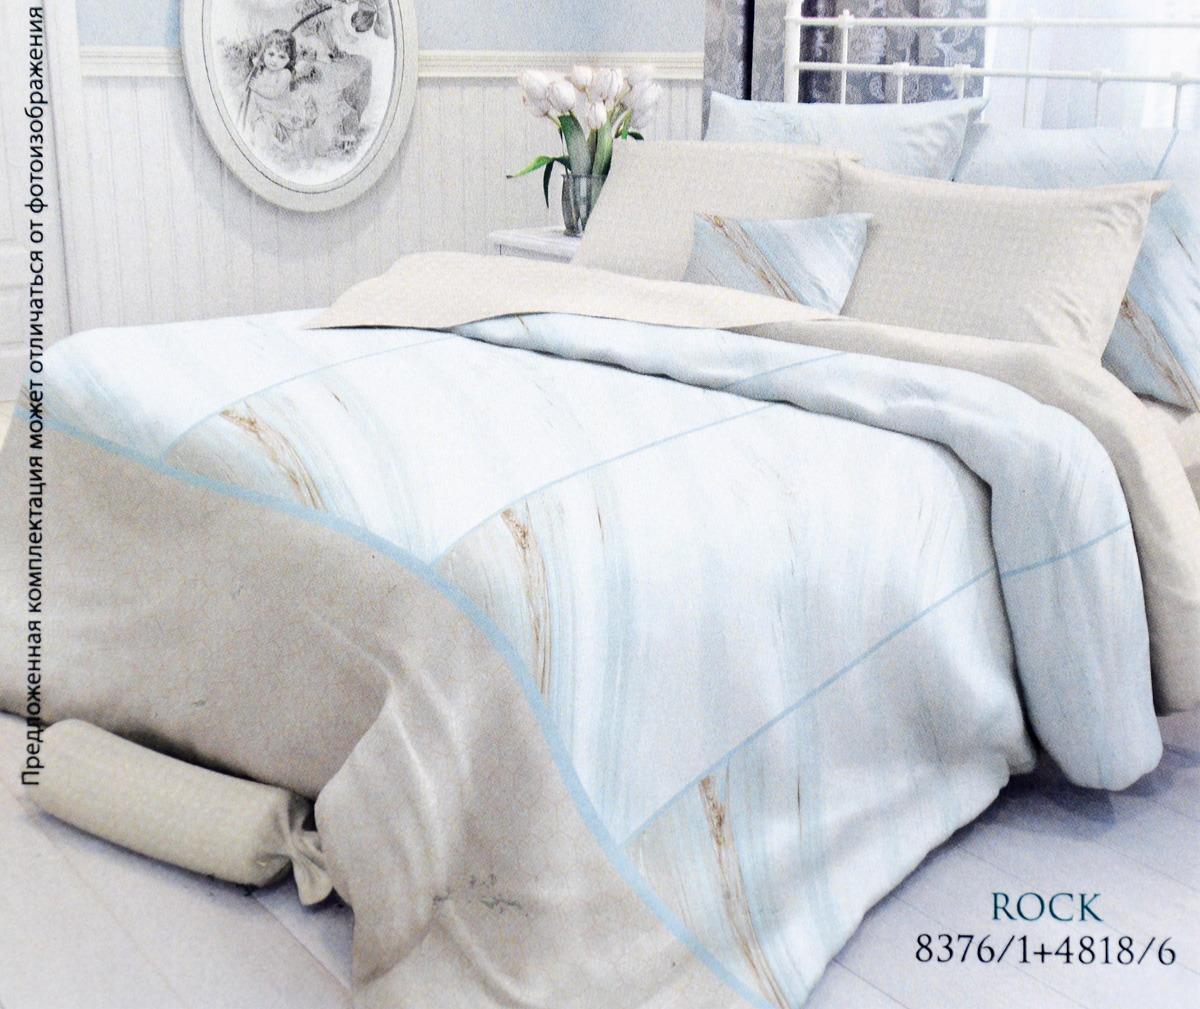 Комплект белья Verossa Rock, 1,5-спальный, наволочки 70x70